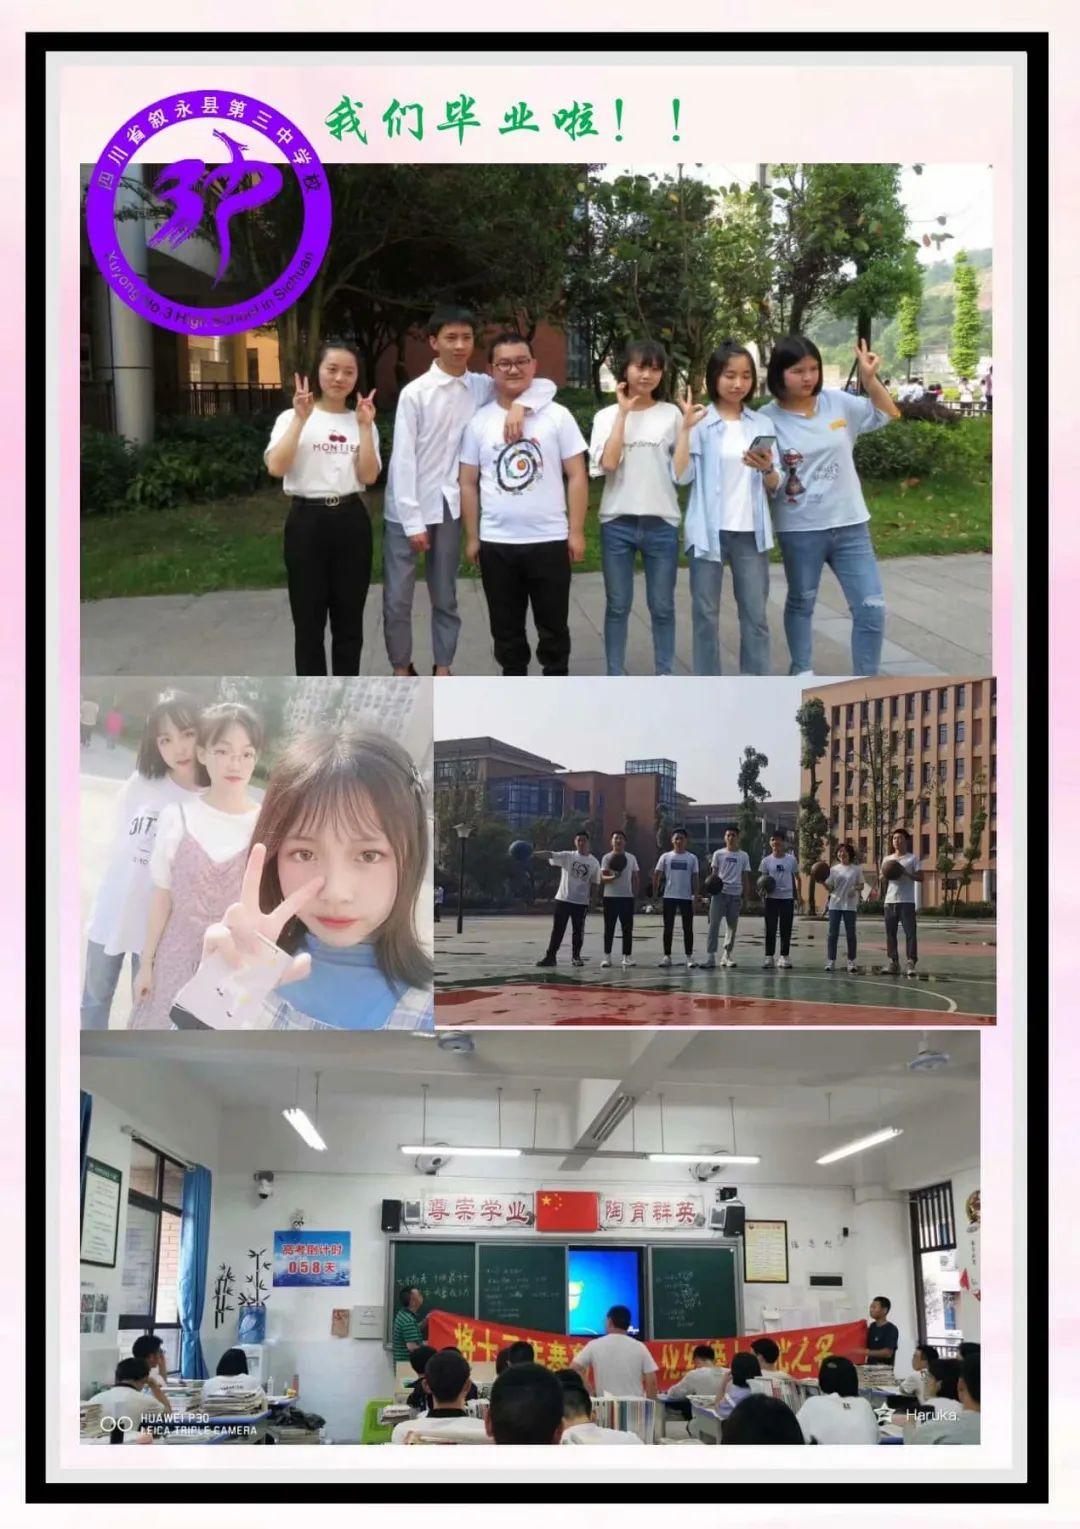 再见,云涛之家—叙永三中17级10班毕业纪念 叙永三中 第80张